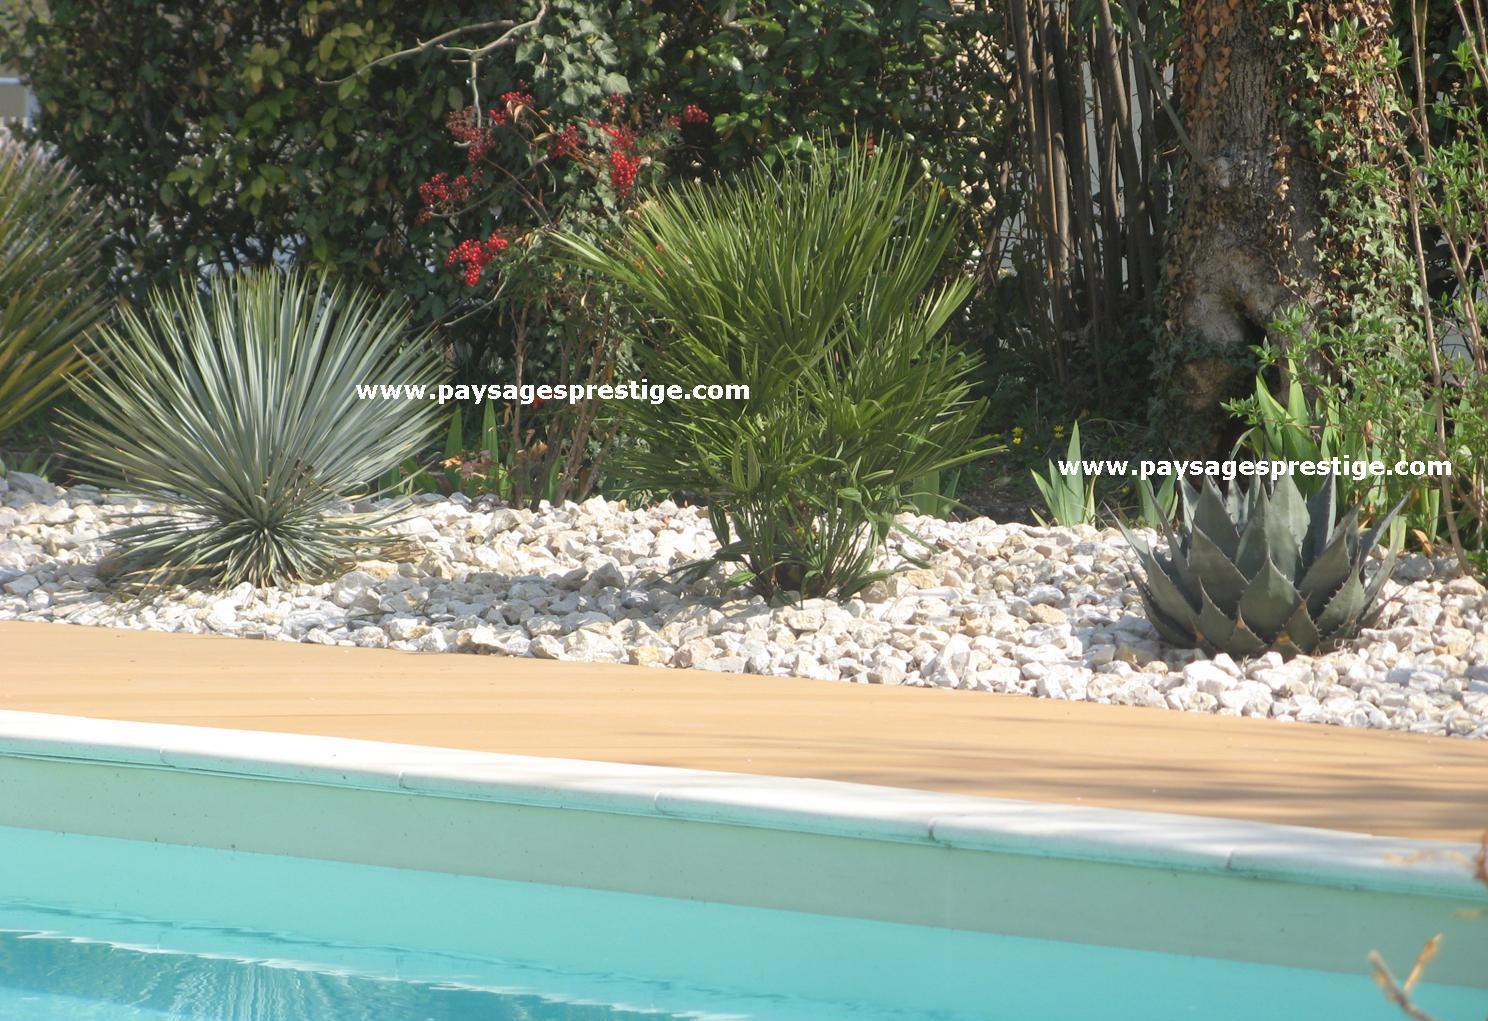 Paysagiste dr me ard che paysages prestige creations for Paysagiste jardin exotique